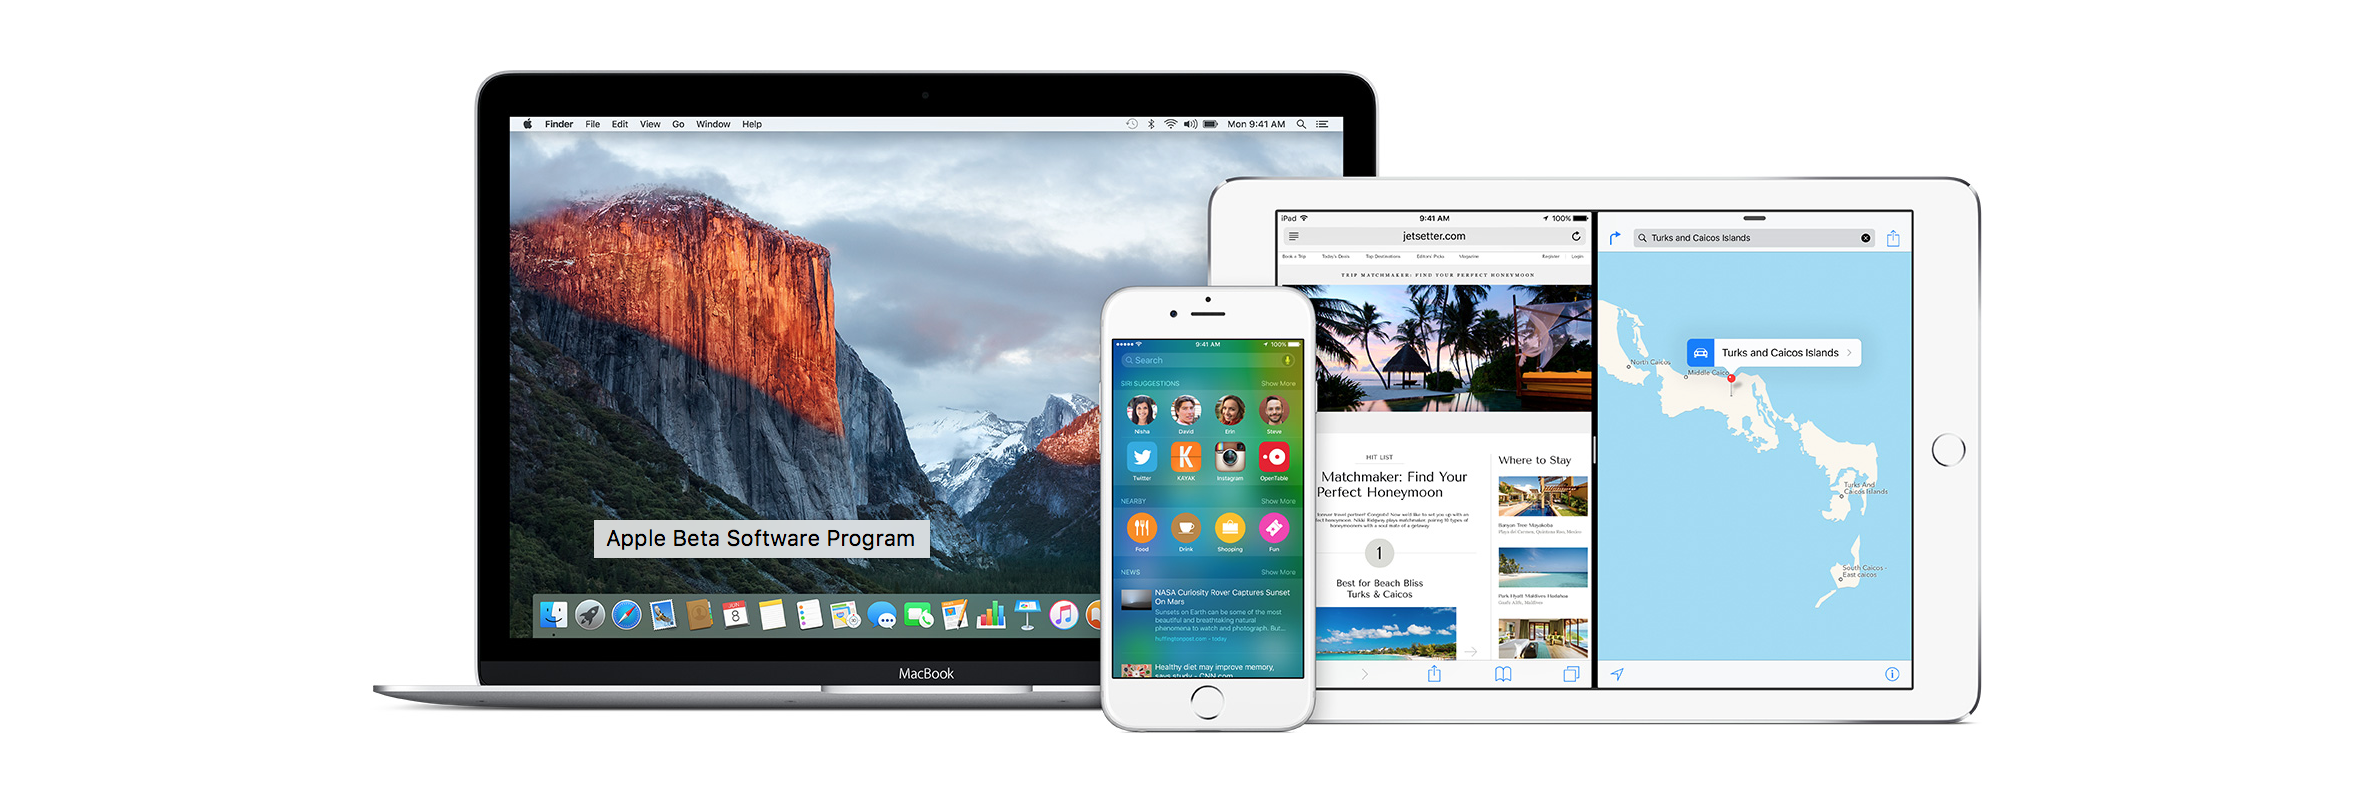 iOS 9.1 public beta 2